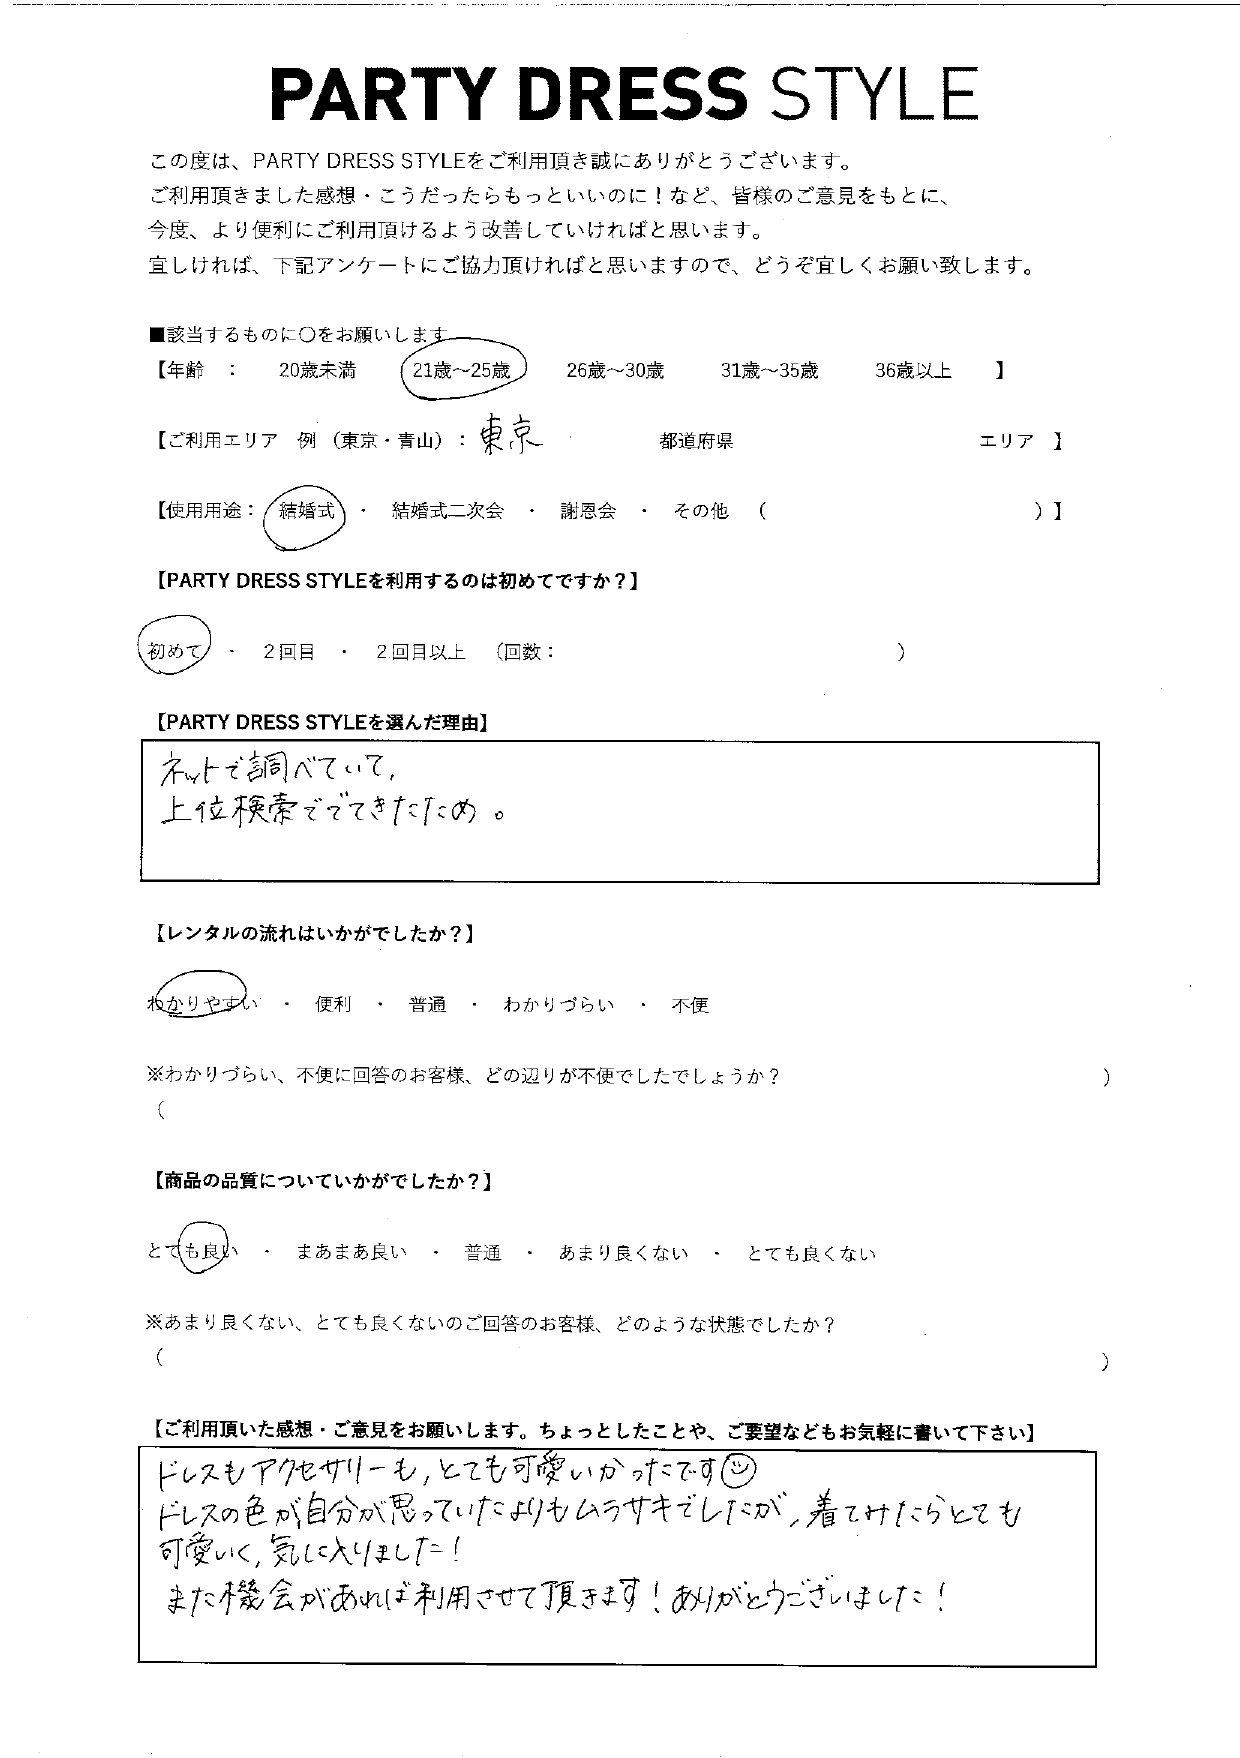 6/20結婚式ご利用 東京エリア